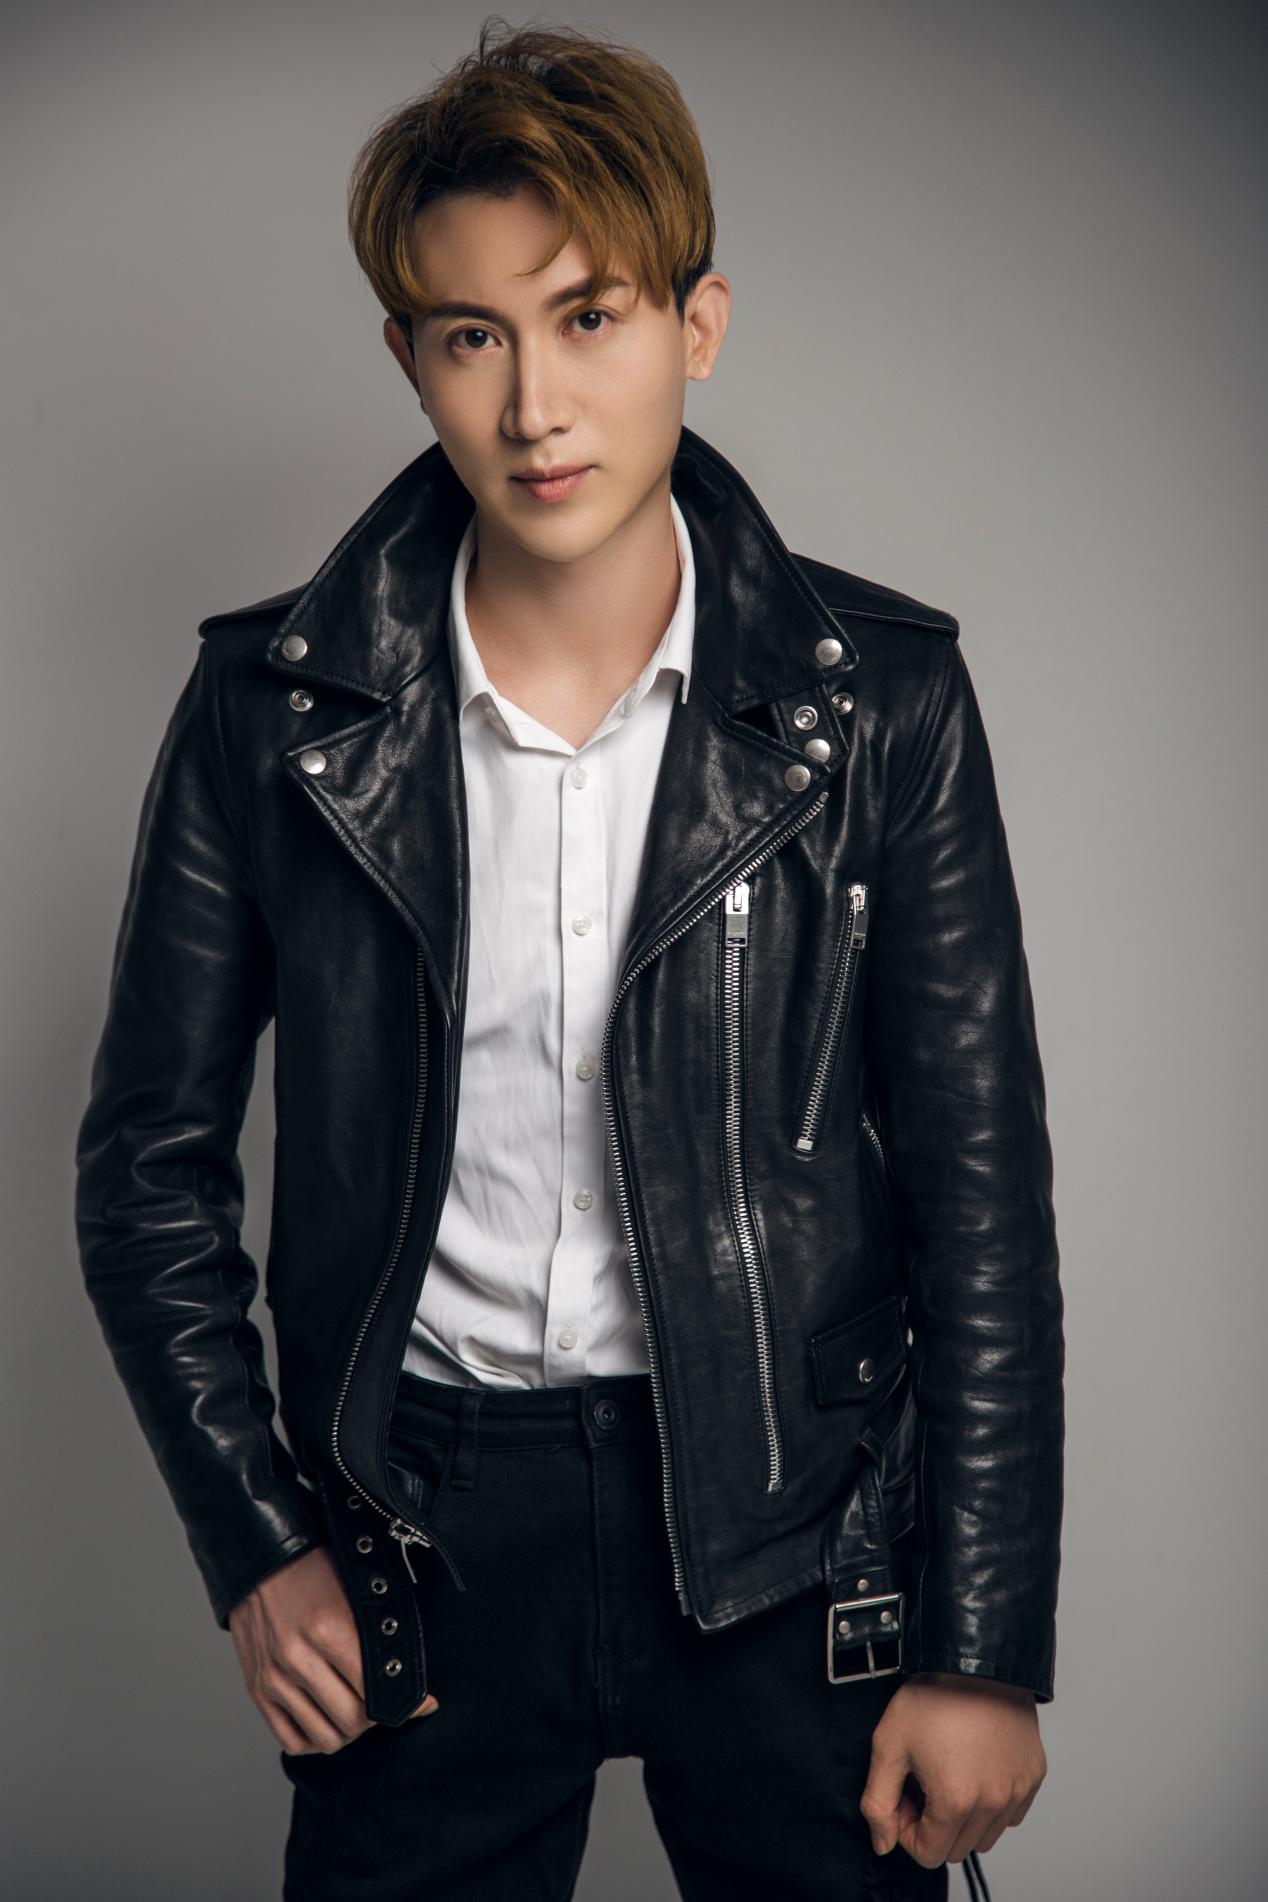 王龙华黑色夹克写真大片曝光 轻奢酷男范儿开启舔屏模式